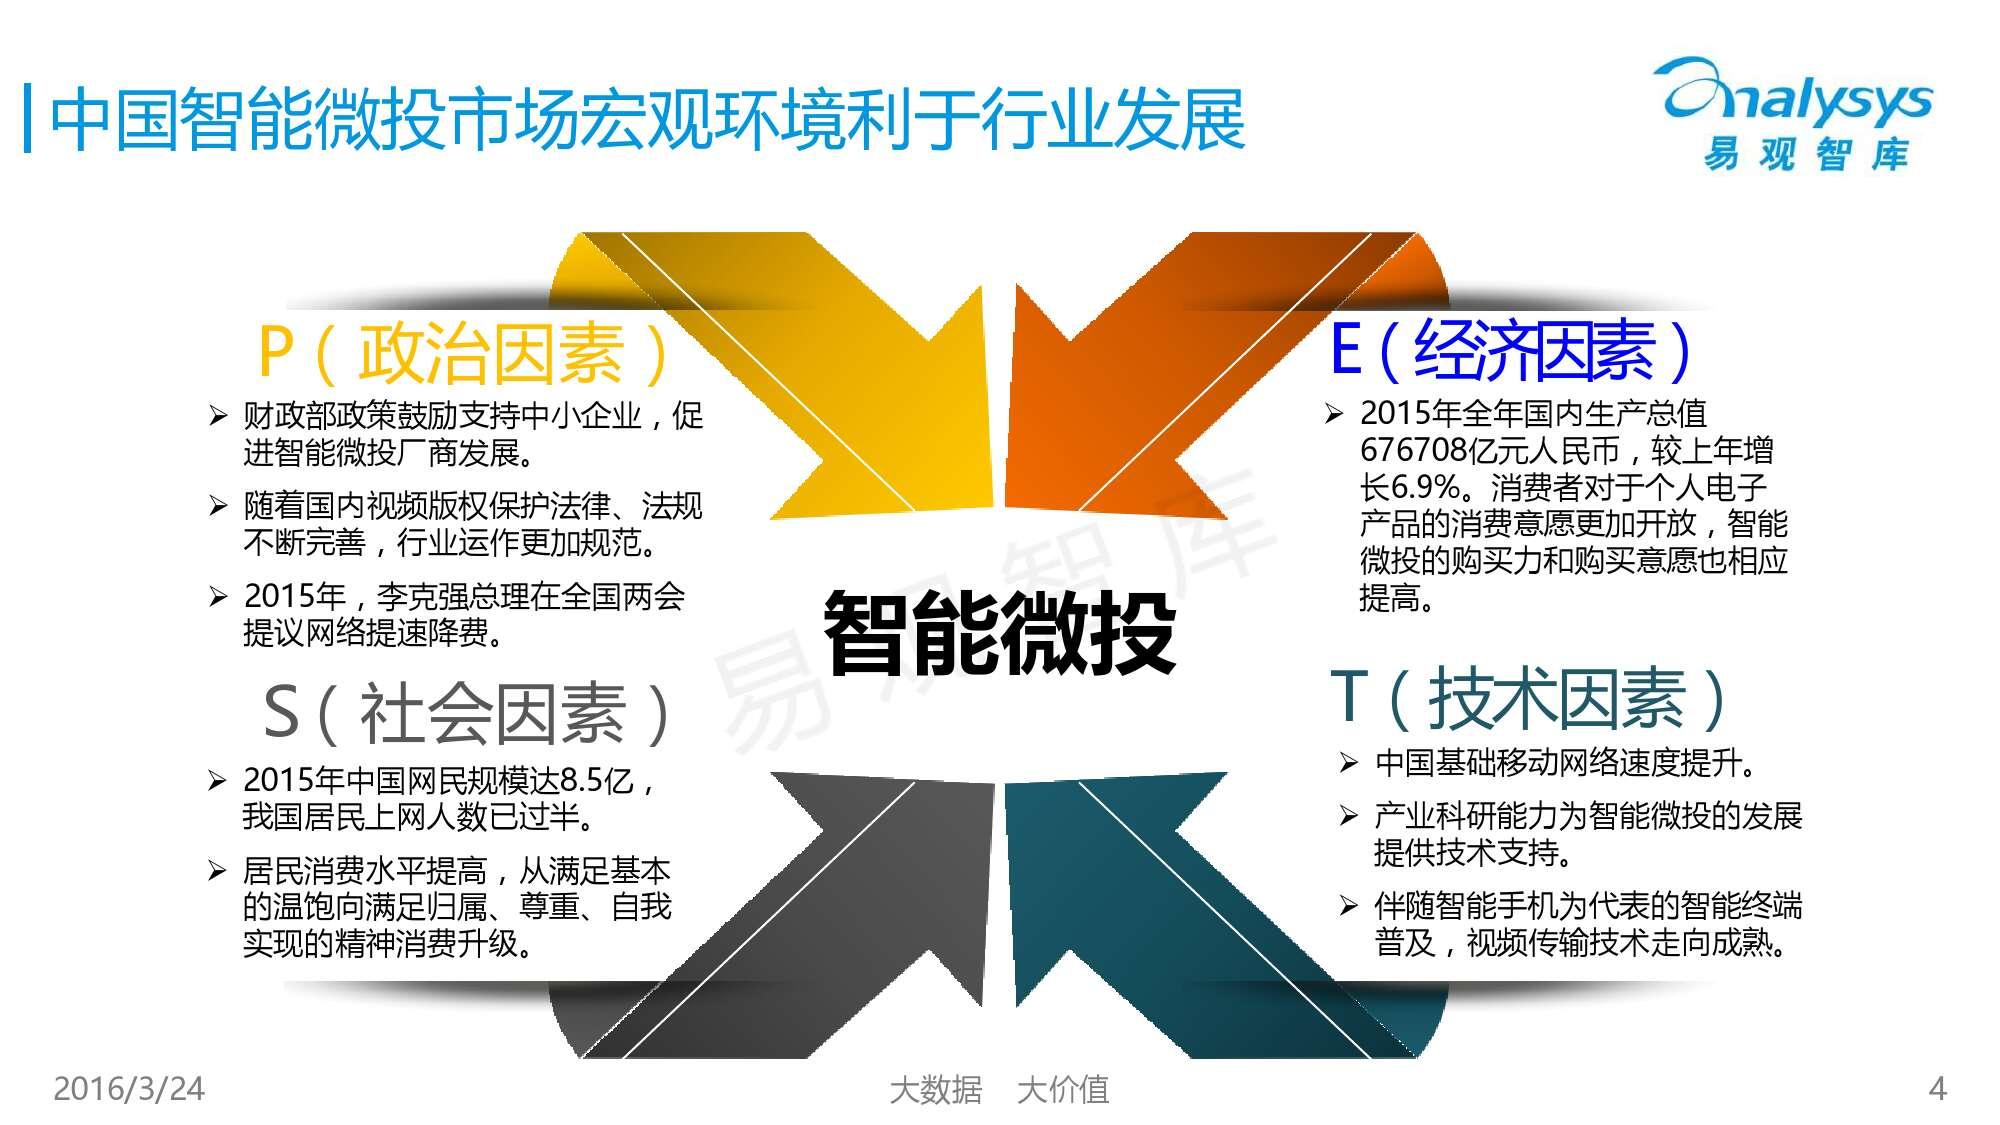 中国智能微投市场专题研究报告2016_000004